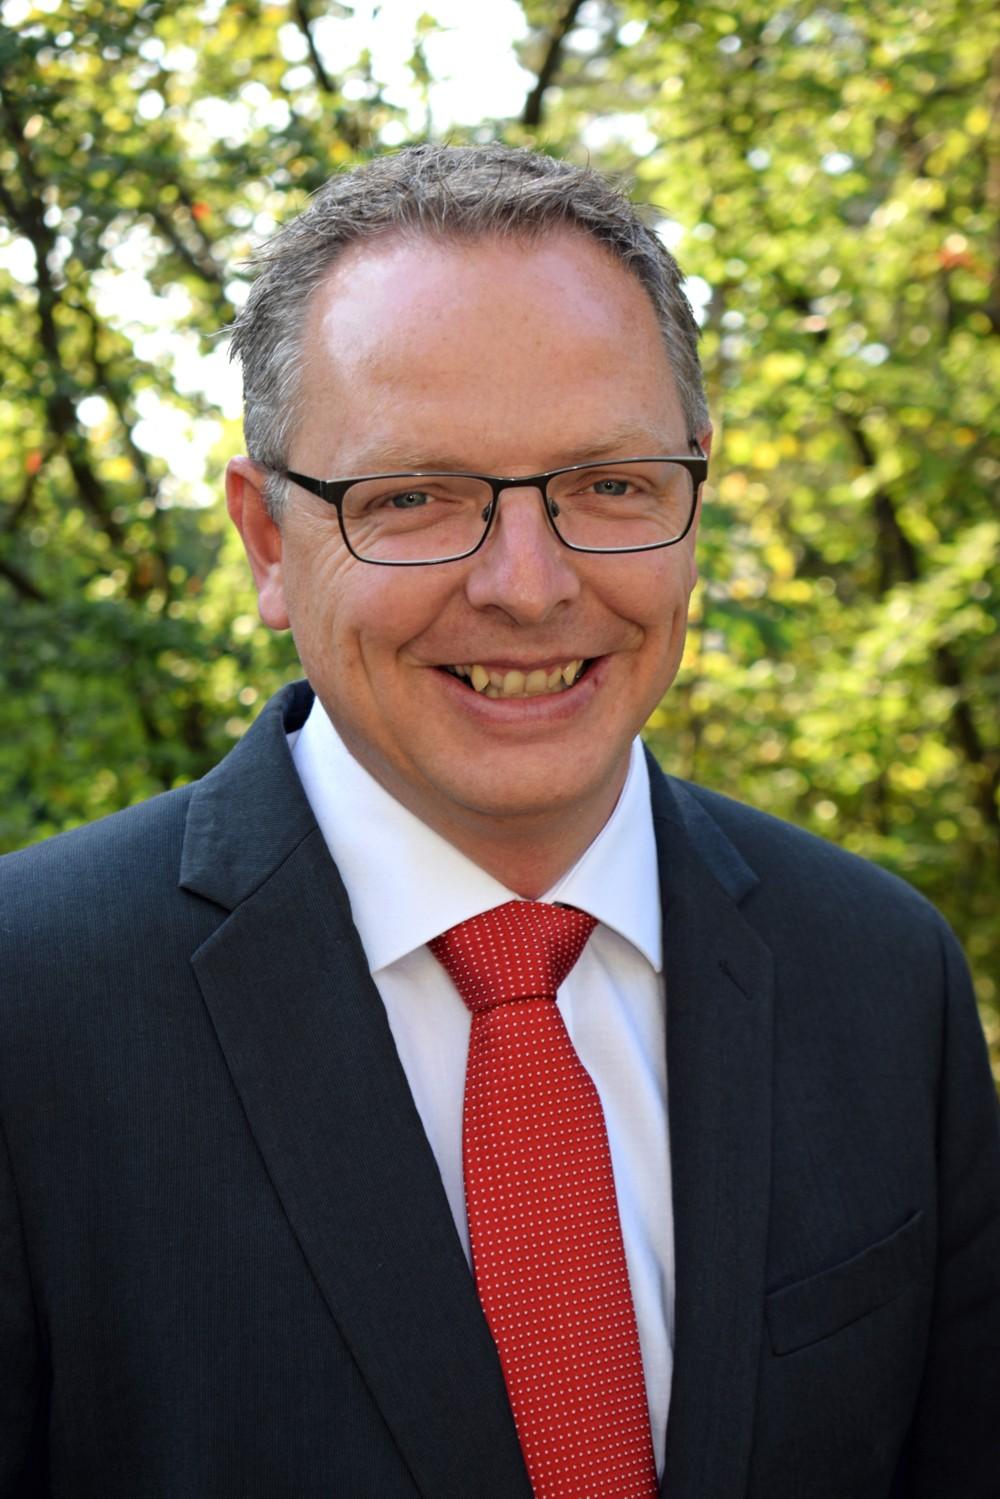 Herr Irnich (Stv. Schulleiter)